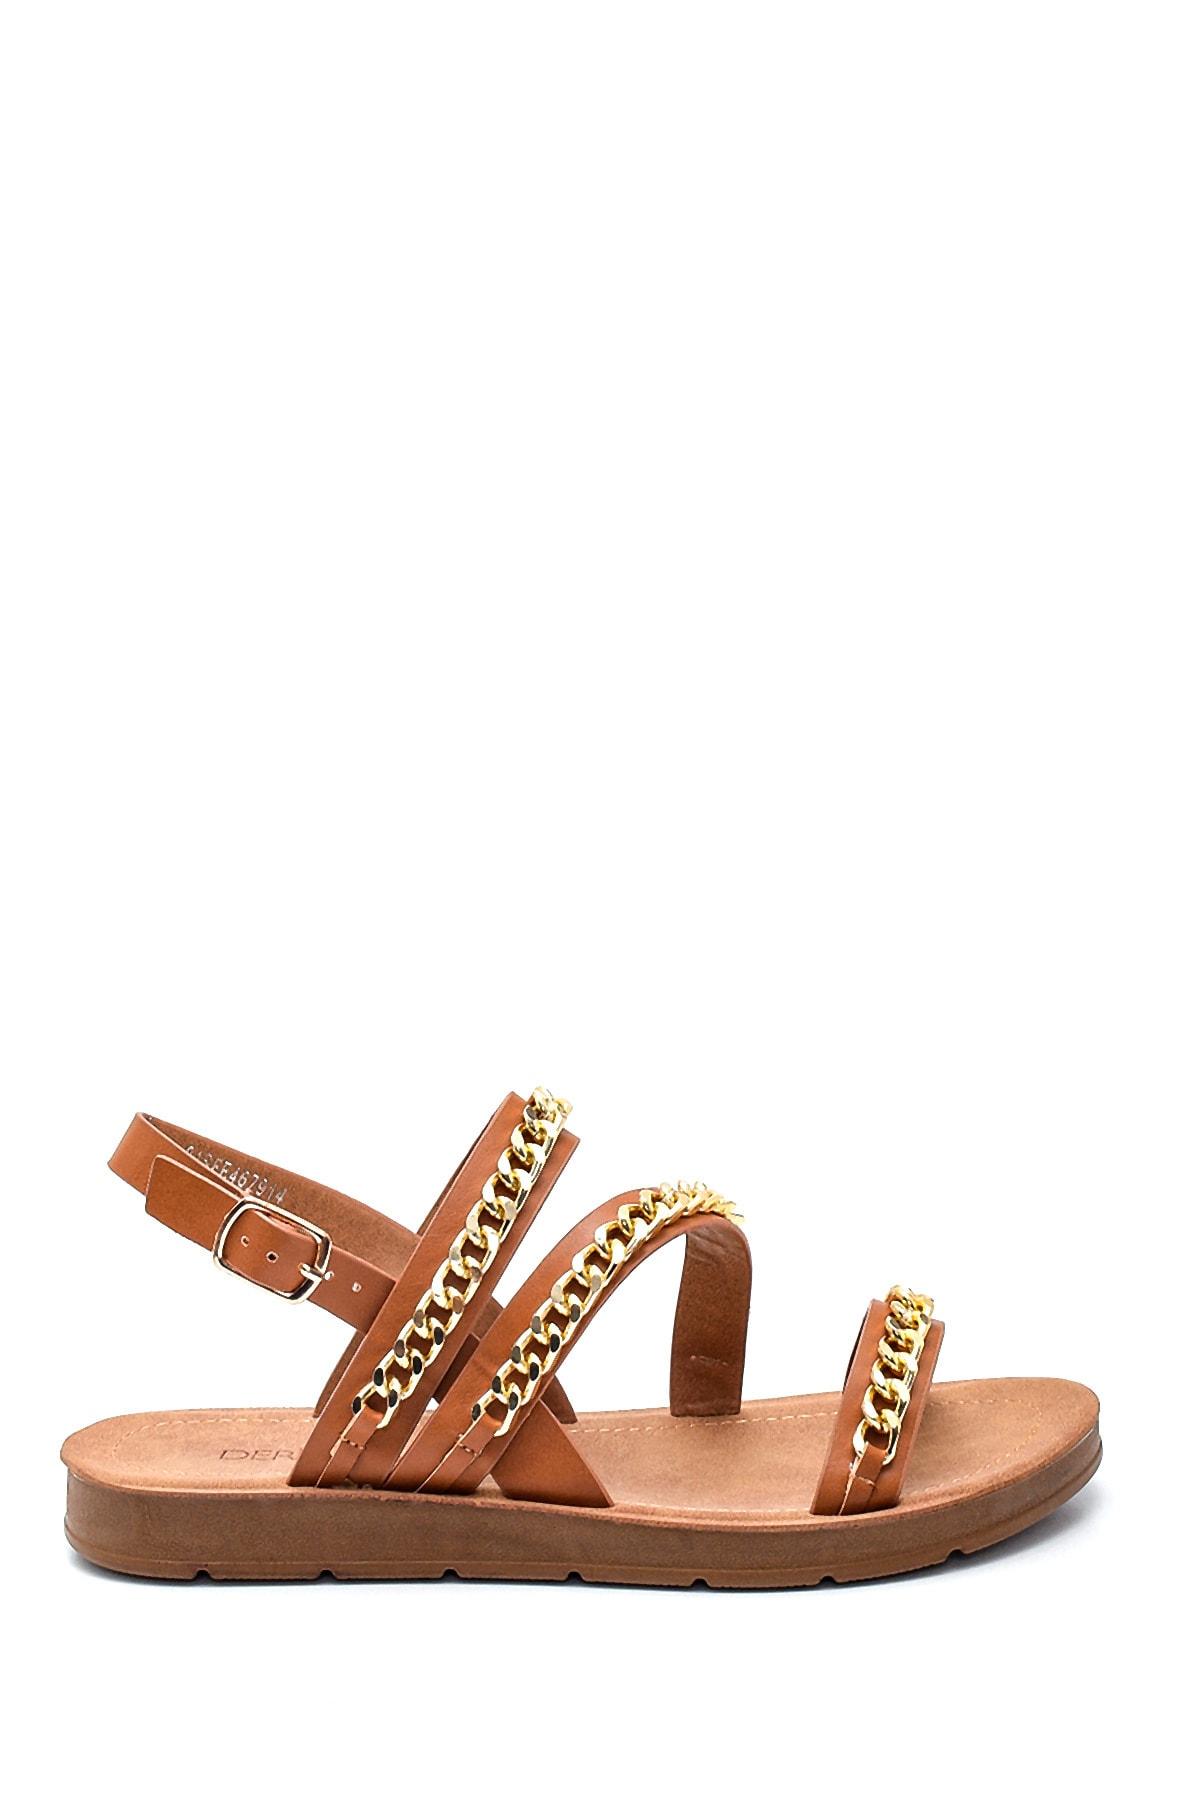 Kadın Zincir Detaylı Sandalet